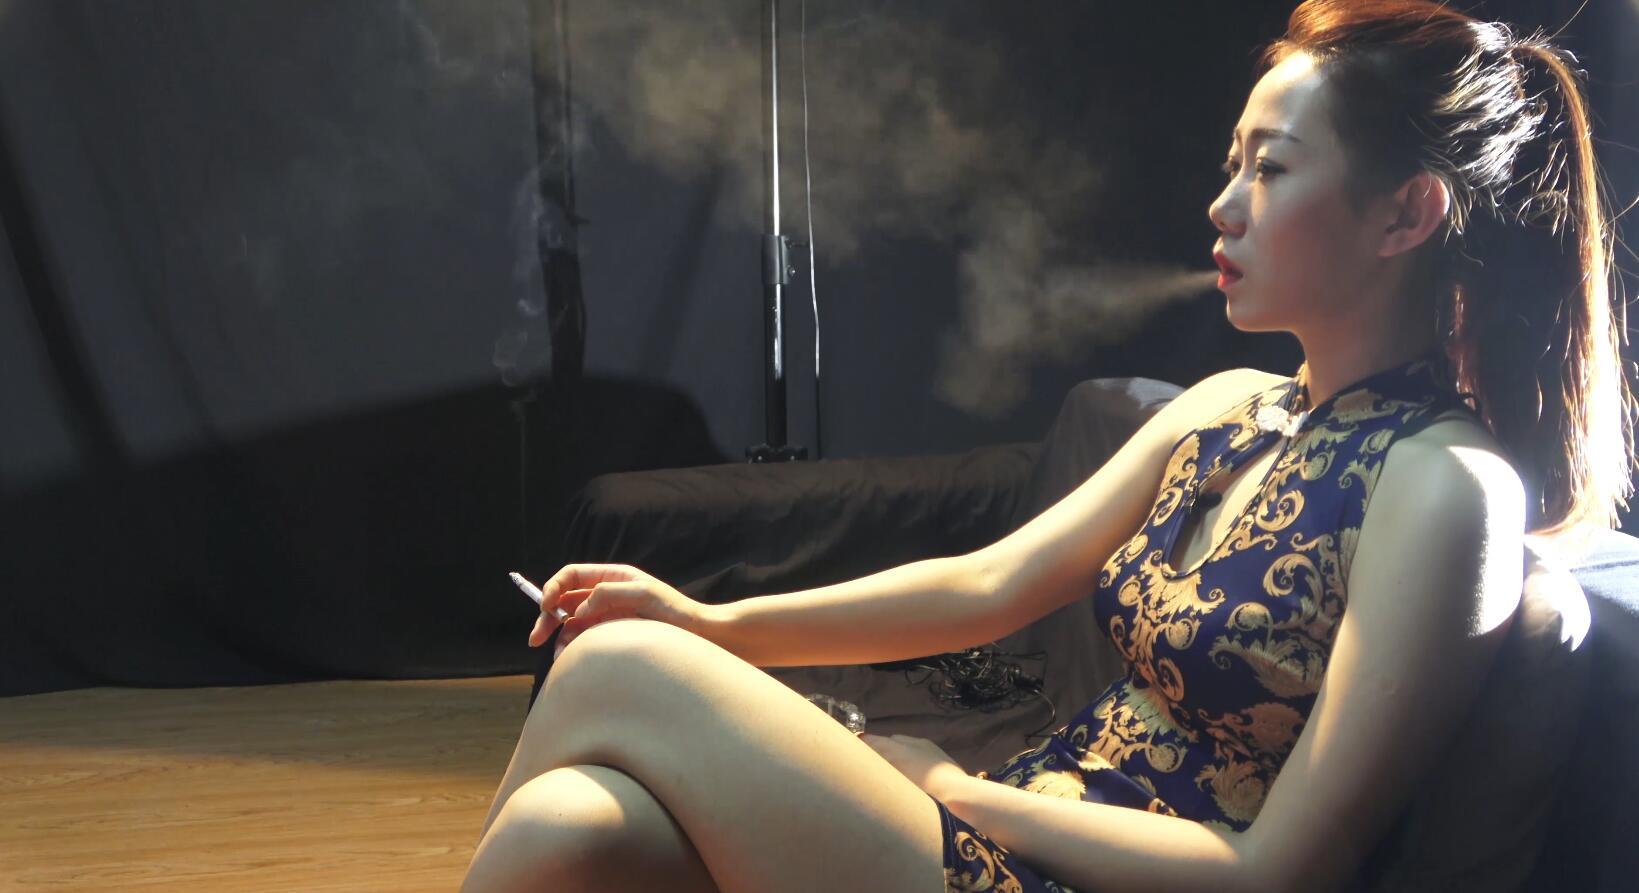 穿着旗袍抽烟的美女,很美很上镜